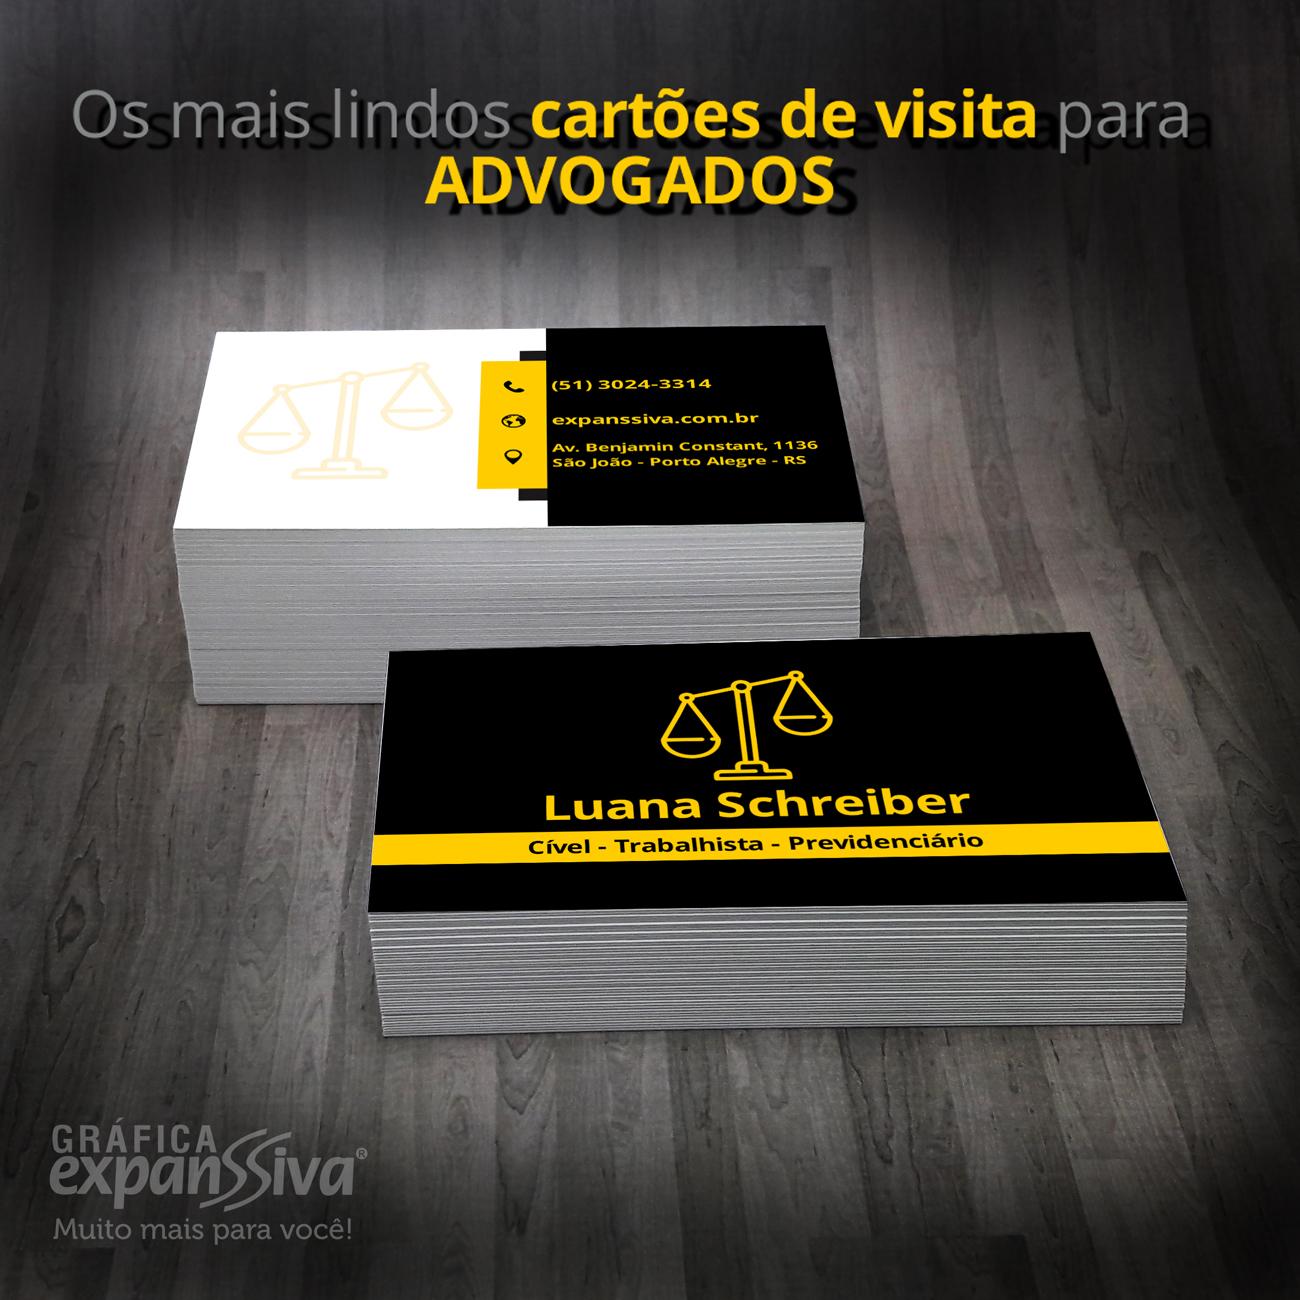 Incríveis Cartões de Visita para Advogados